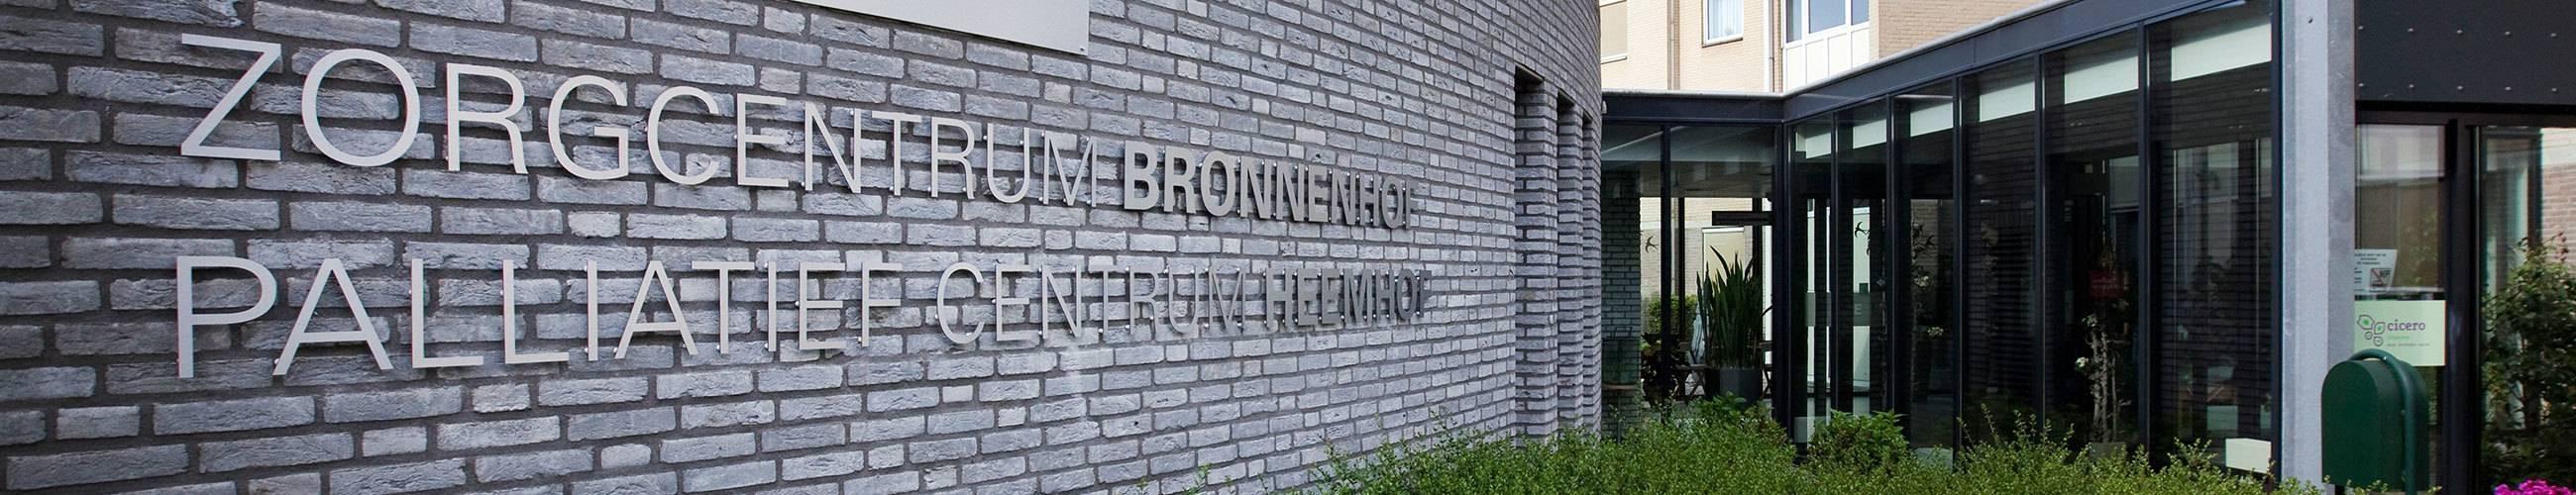 Heemhof, Brunssum